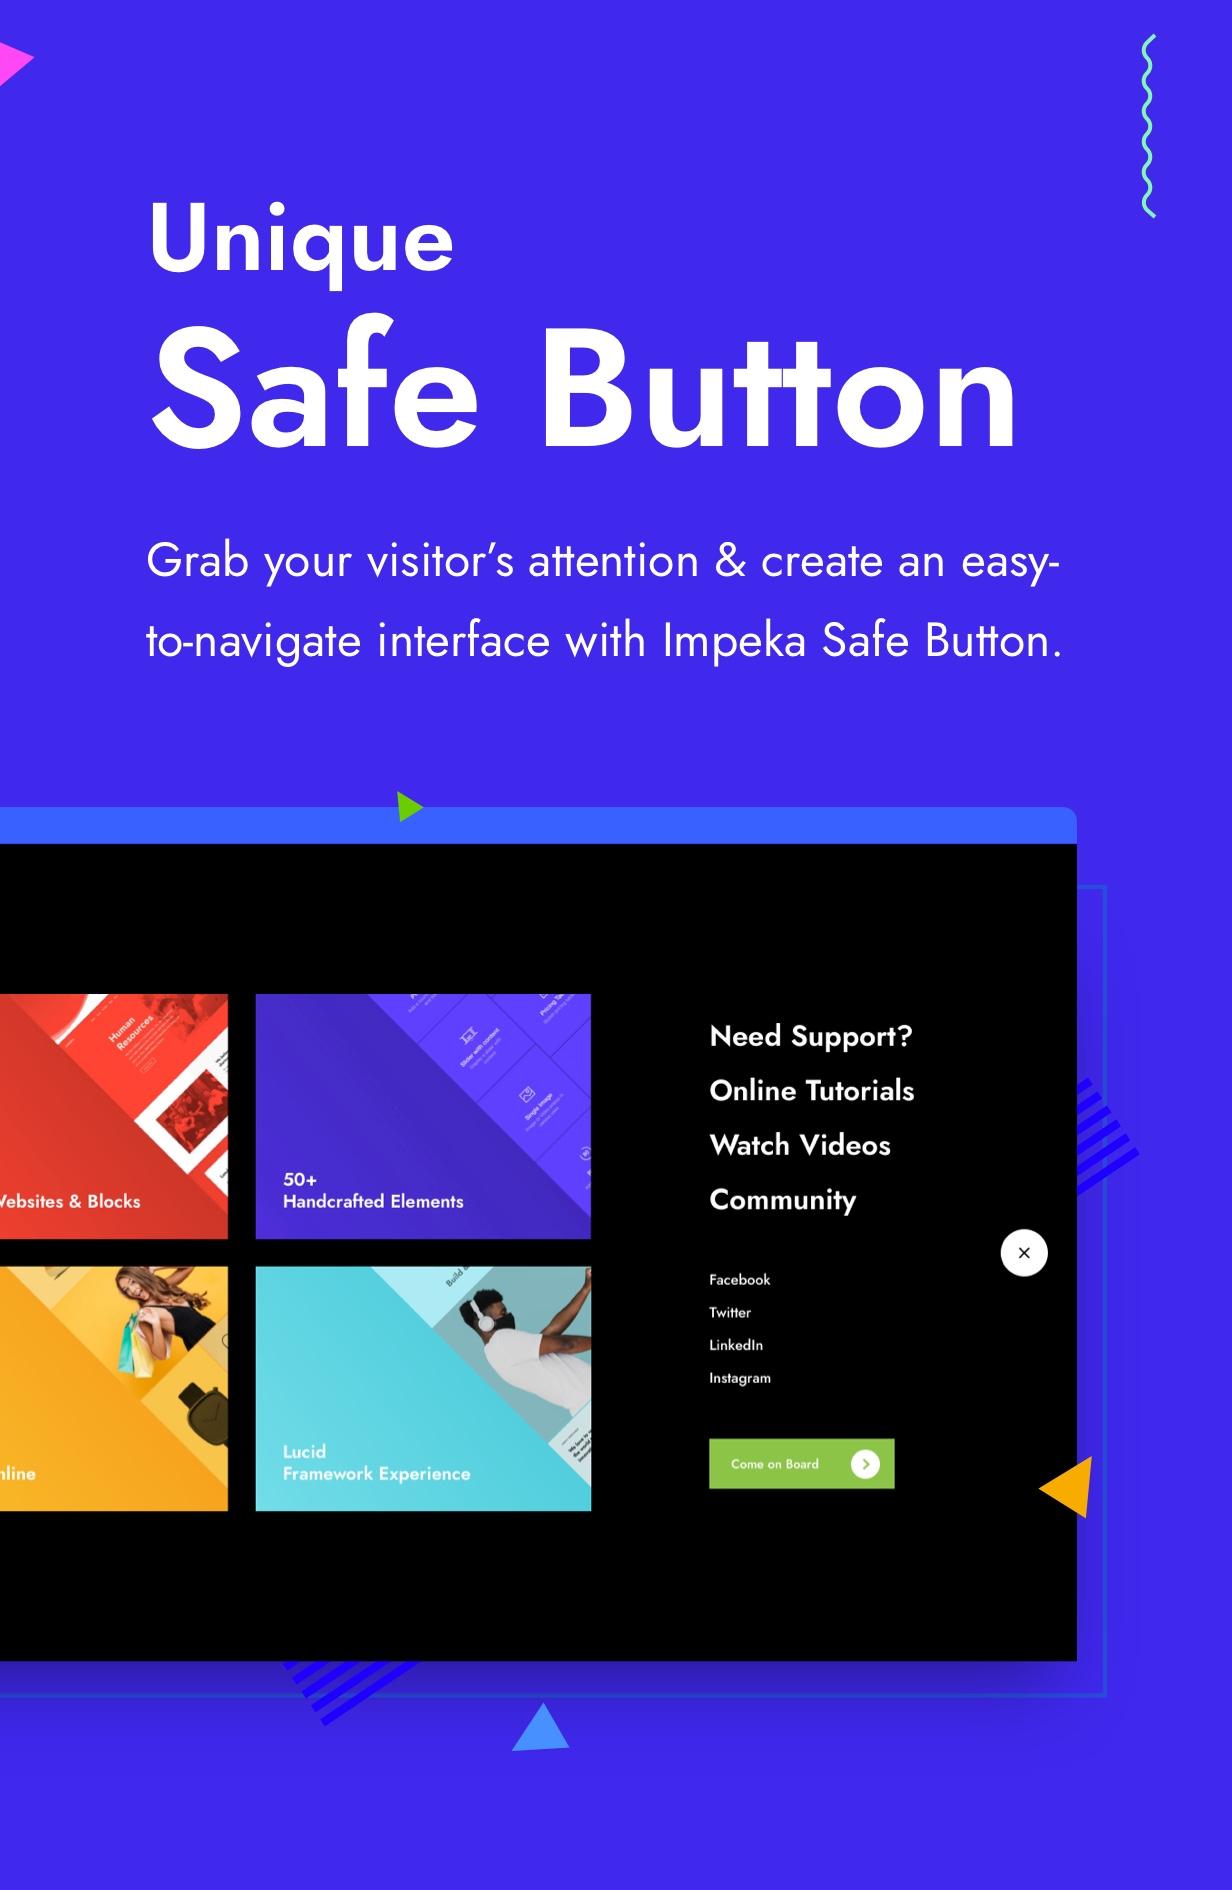 Impeka Safe Button